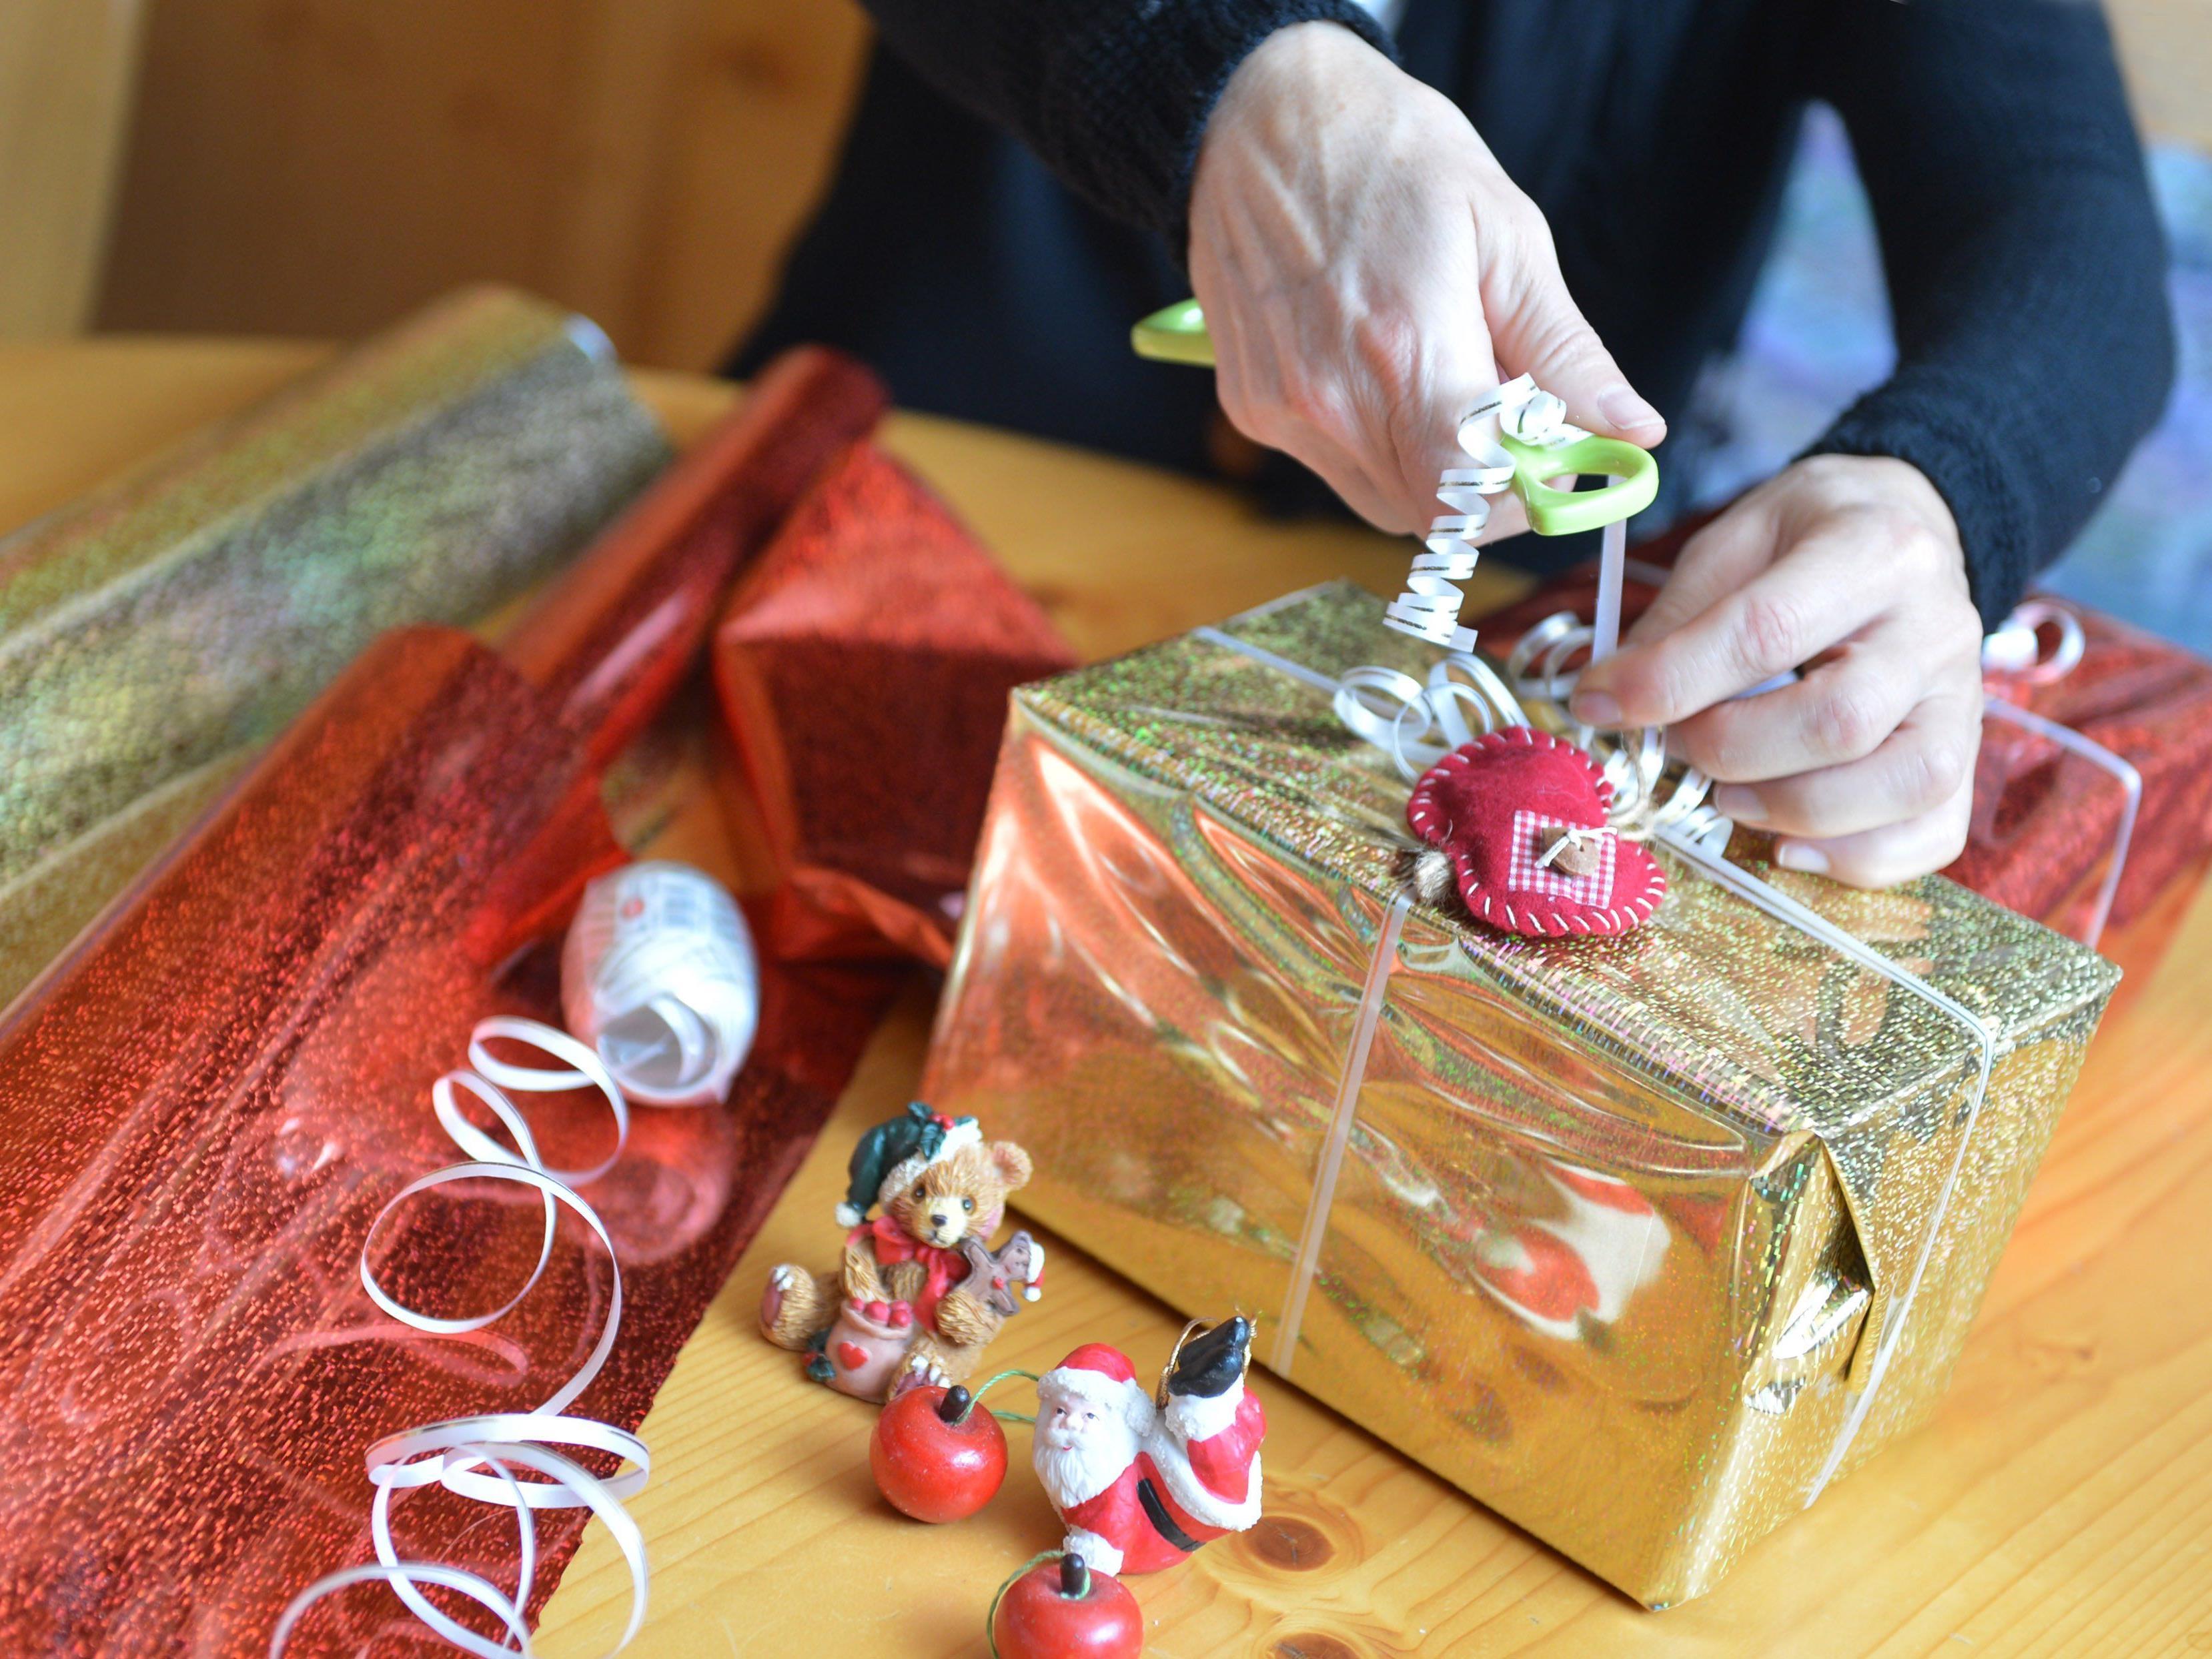 Ist das Geschenk defekt, haben Konsumenten einen gesetzlichen Gewährleistungsanspruch.